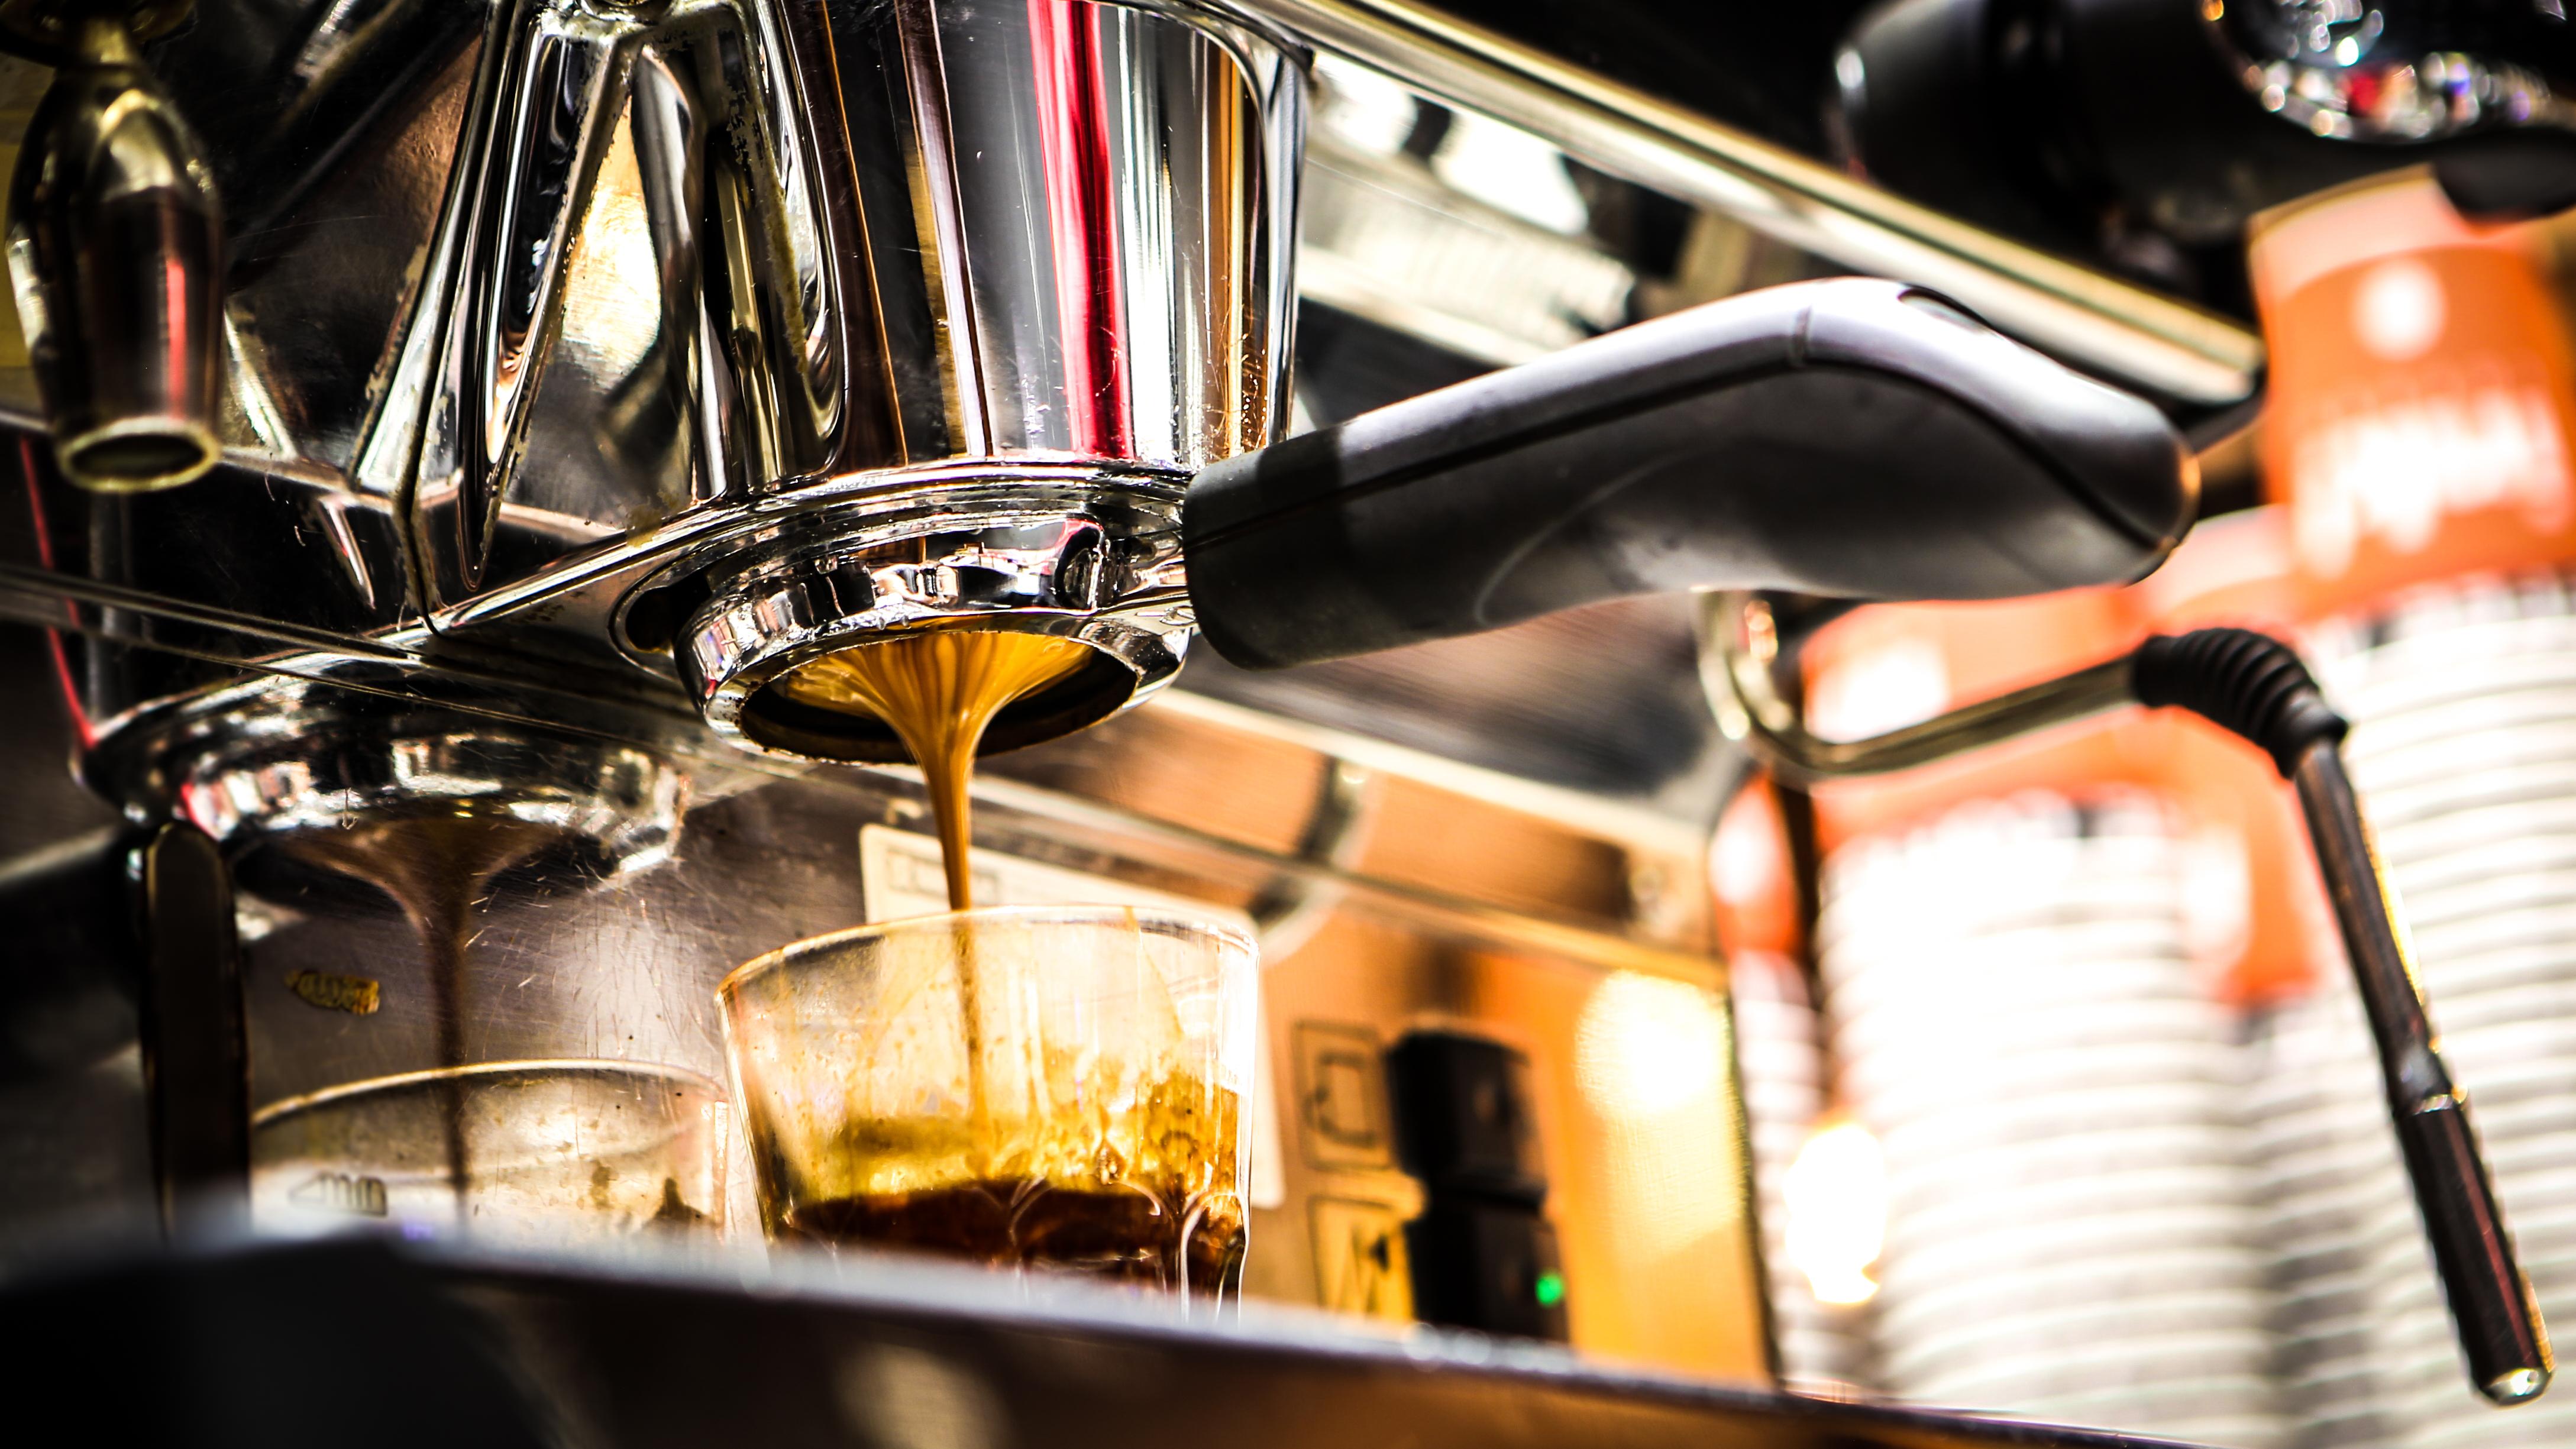 ink! Coffee Company